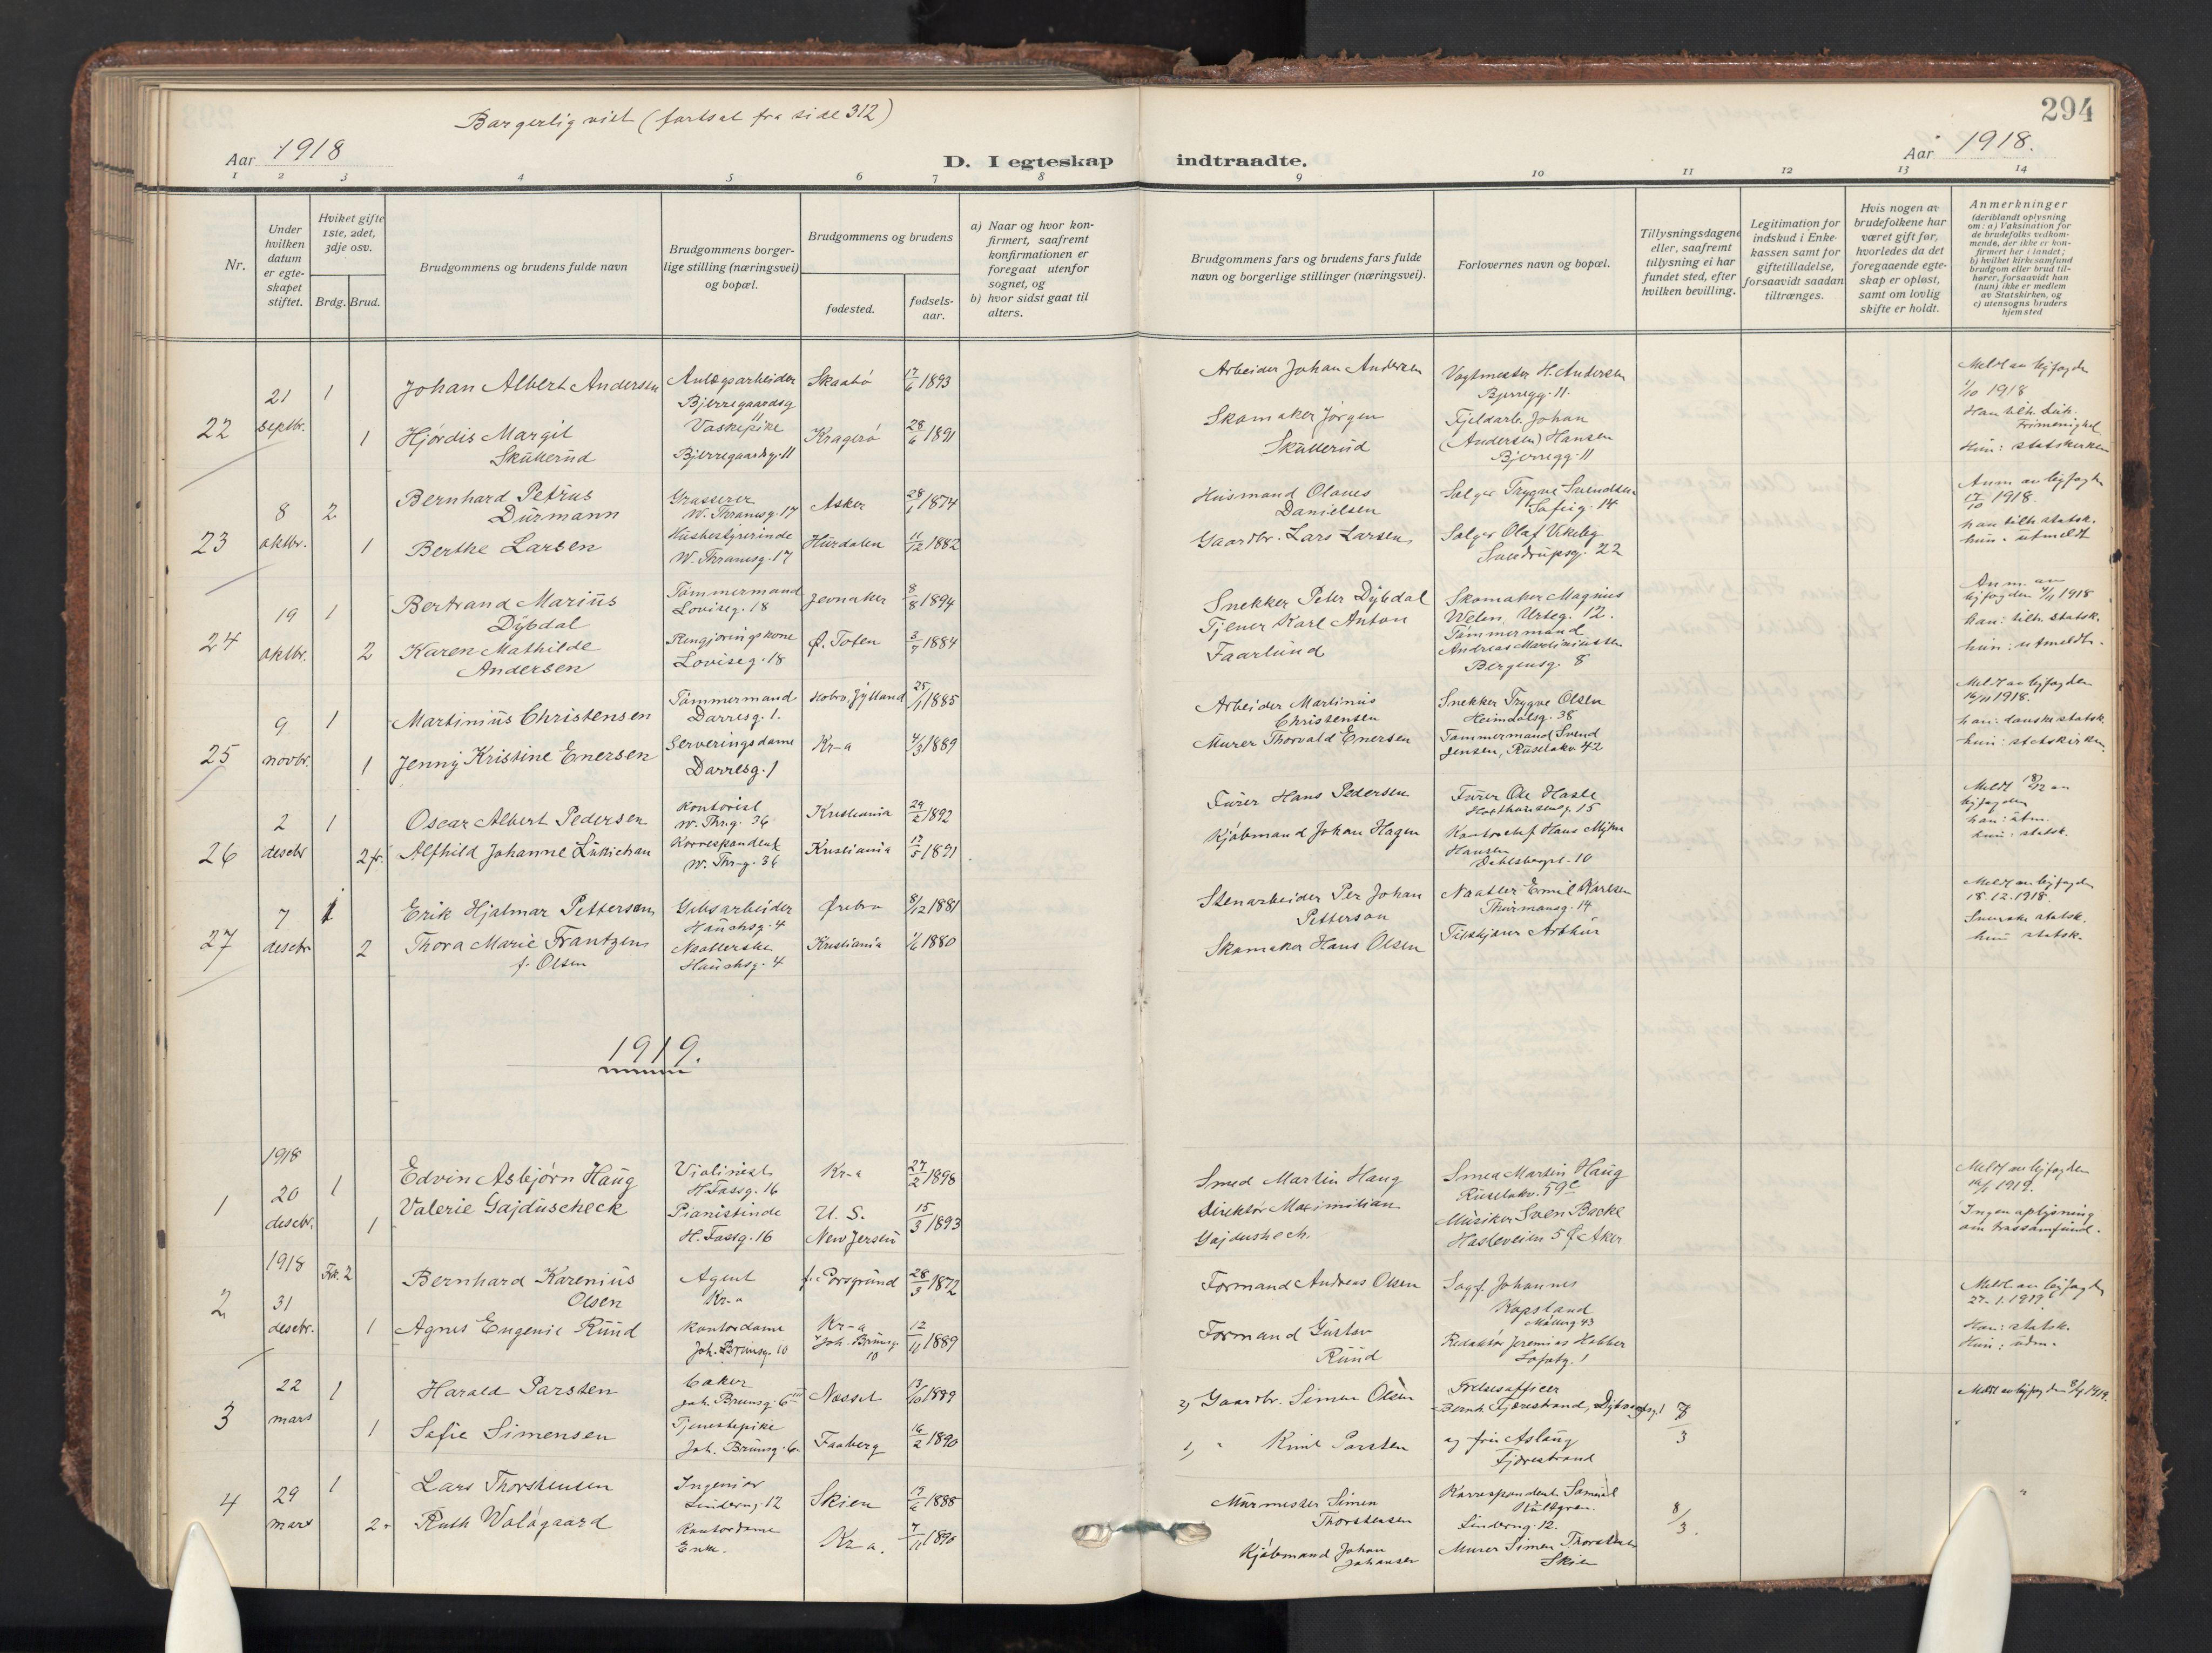 SAO, Gamle Aker prestekontor Kirkebøker, F/L0015: Ministerialbok nr. 15, 1911-1924, s. 294